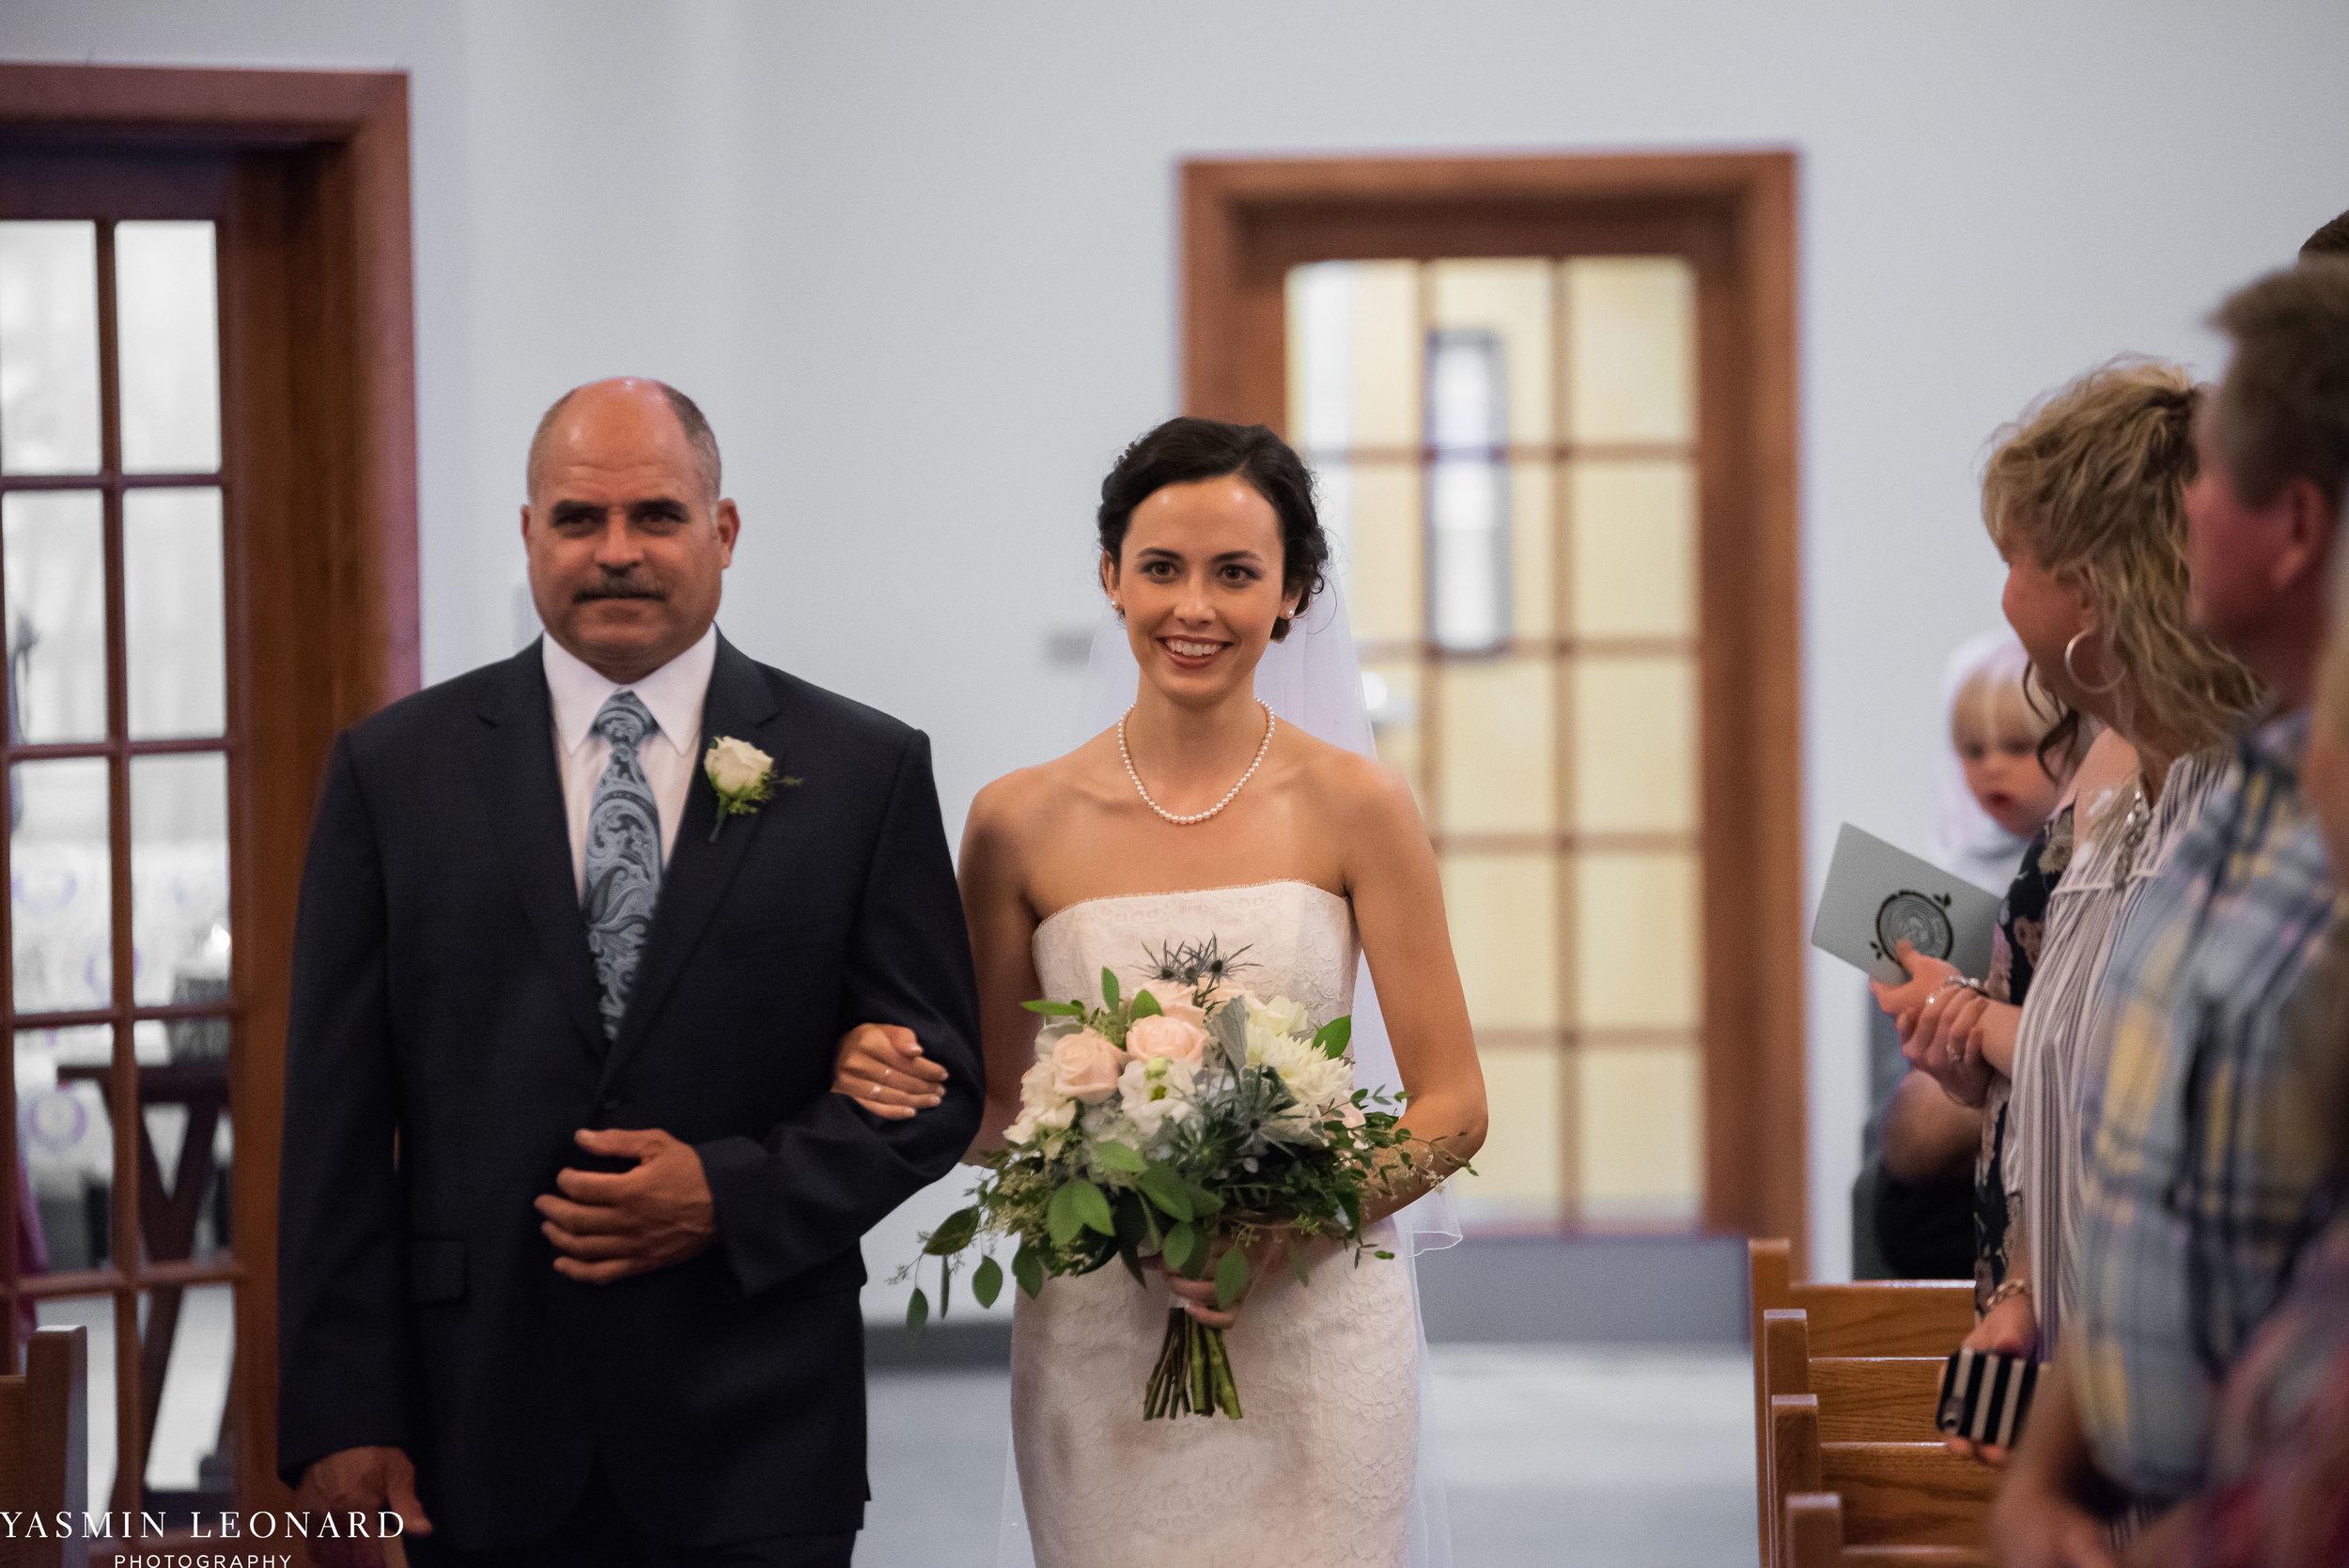 Mt. Pleasant Church - Church Wedding - Traditional Wedding - Church Ceremony - Country Wedding - Godly Wedding - NC Wedding Photographer - High Point Weddings - Triad Weddings - NC Venues-20.jpg